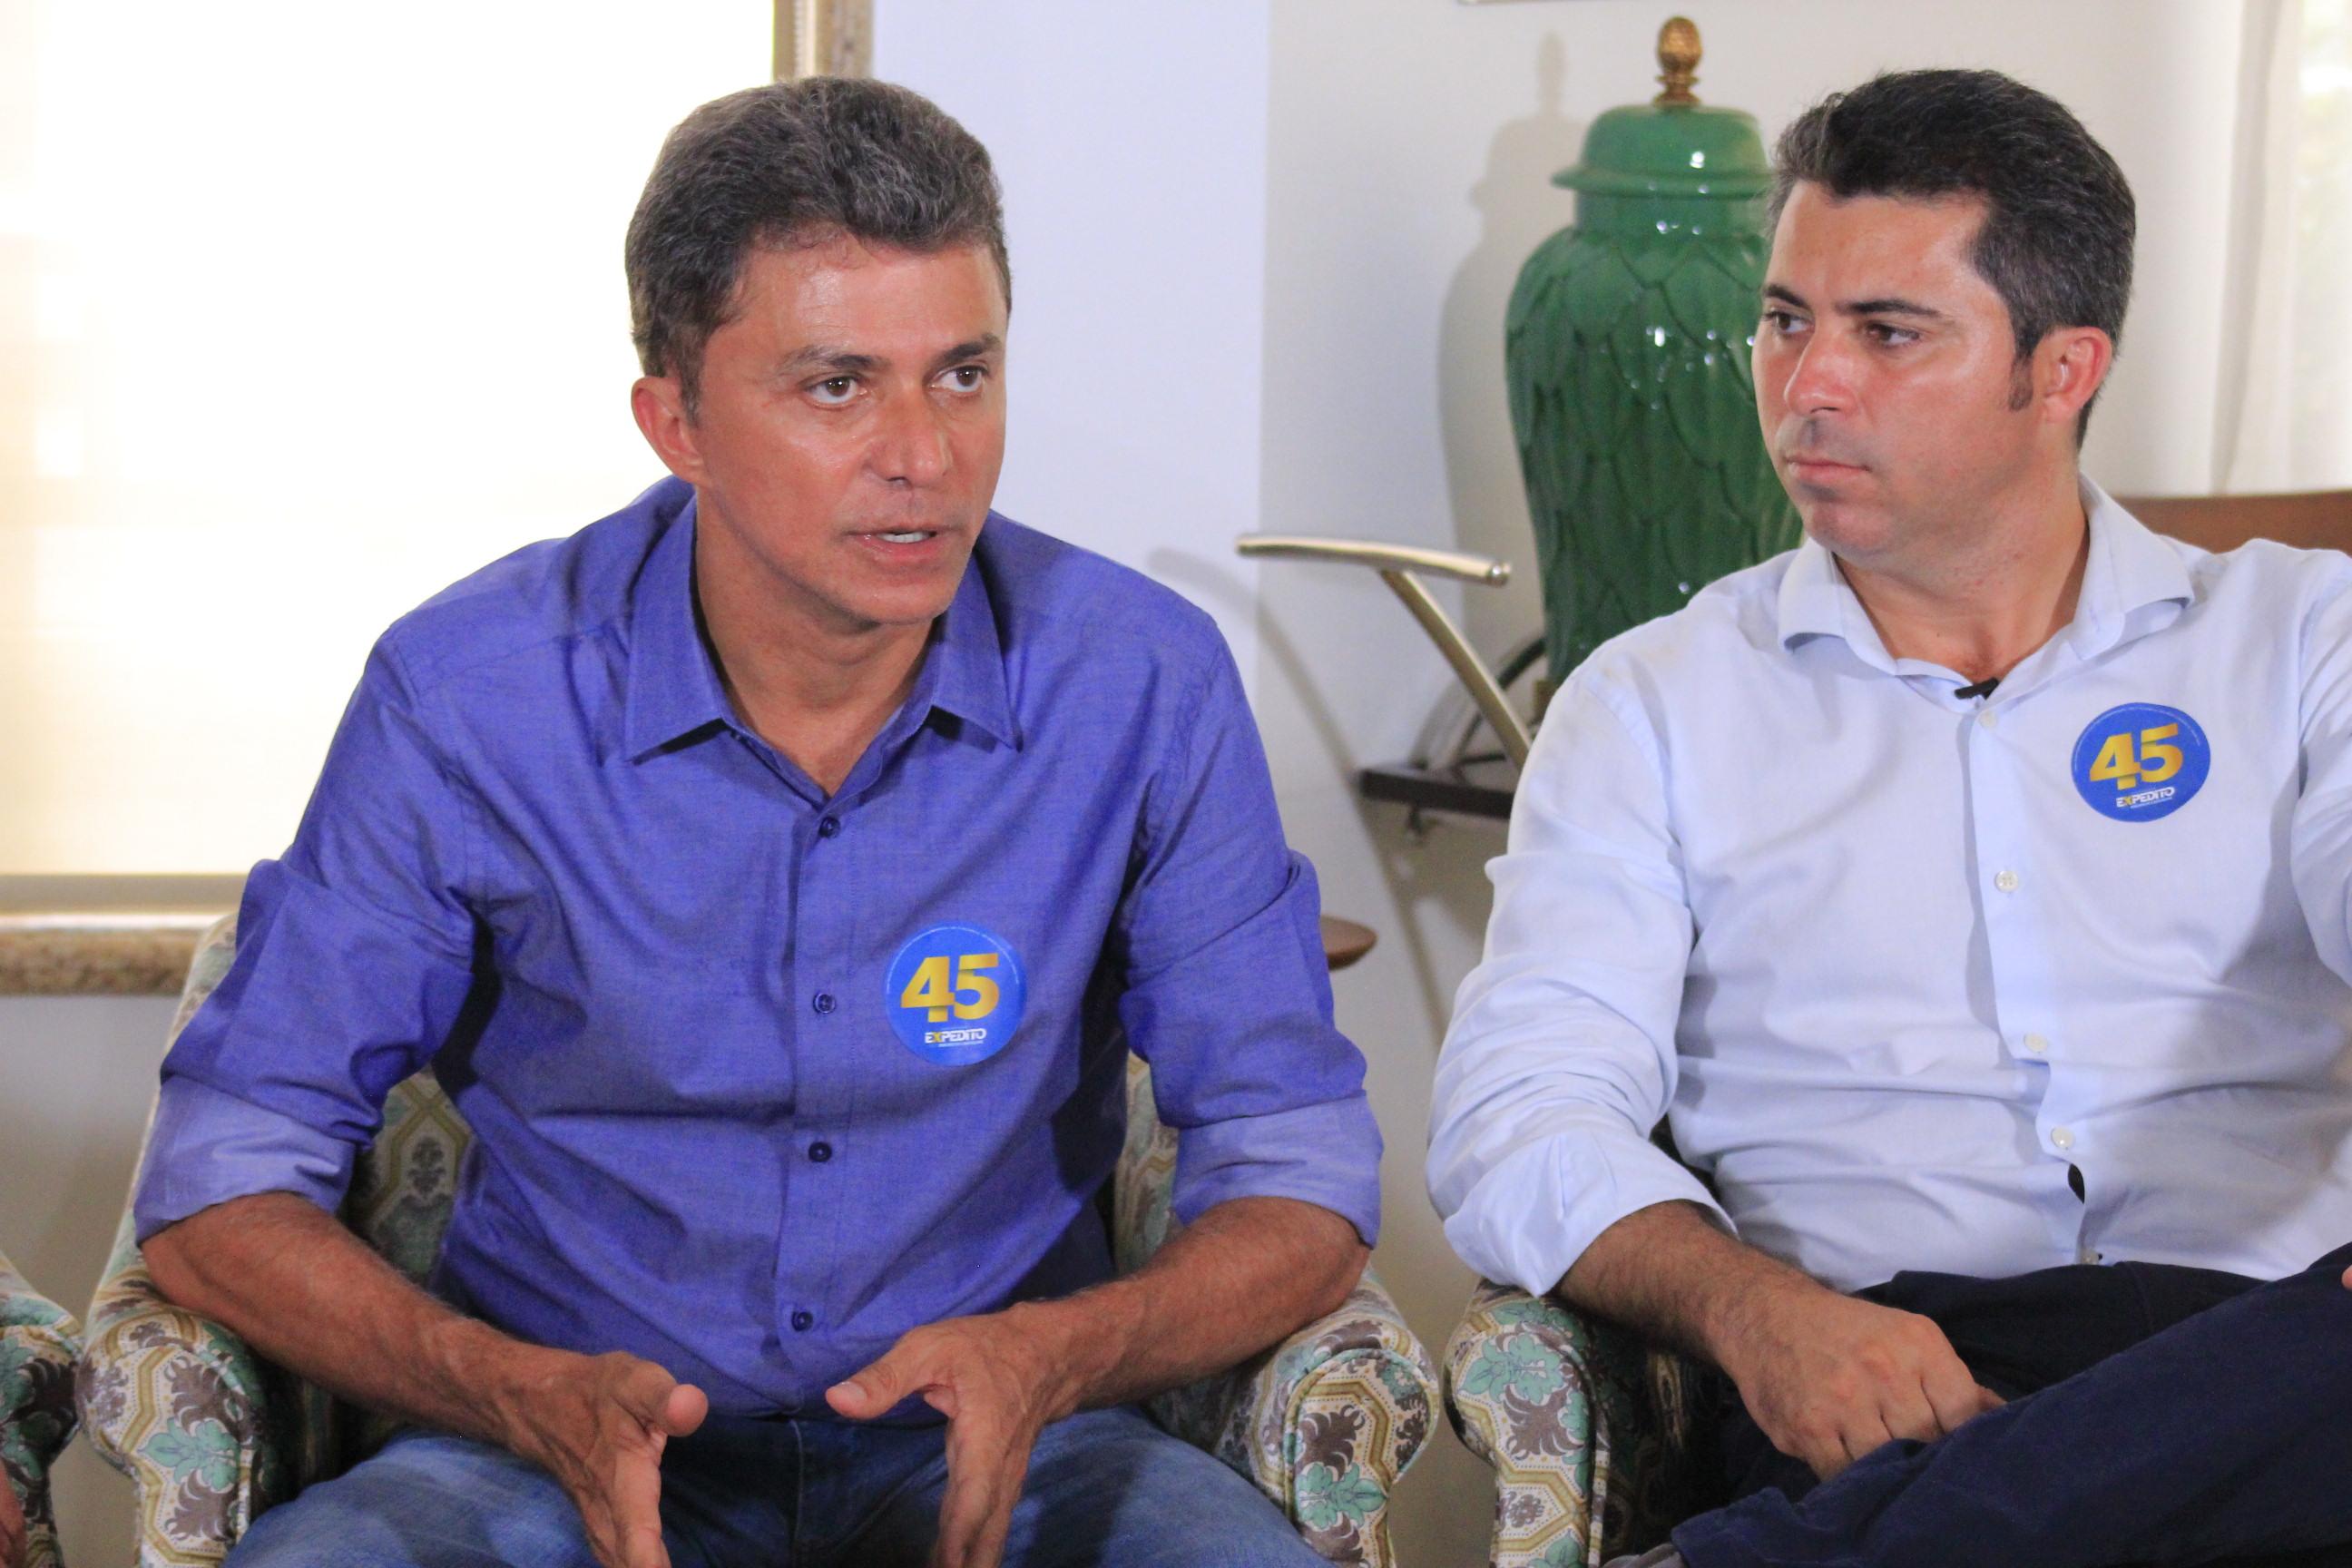 ac58e8adc Candidato apoiou Alckmin, do seu partido, no primeiro turno, mas agora  pedirá votos para Jair Bolsonaro